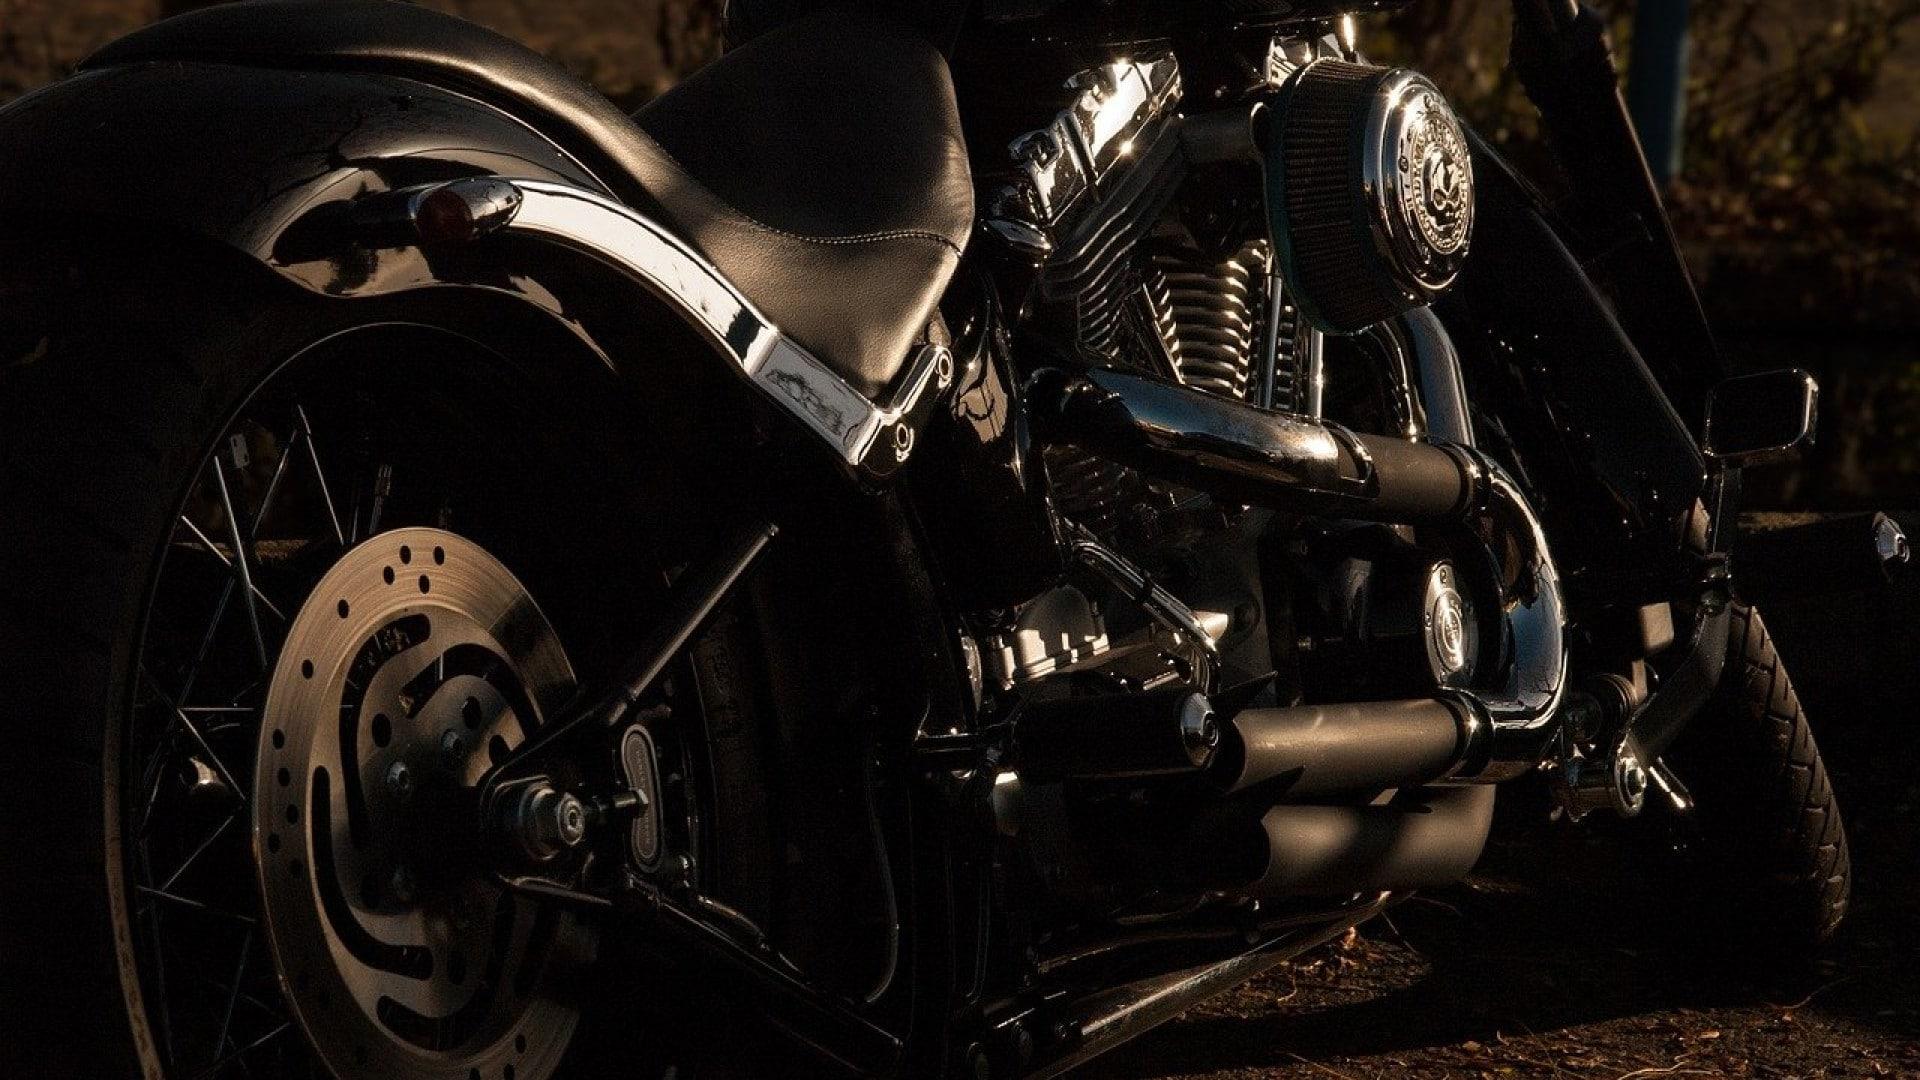 Comment bien choisir les pièces détachées et accessoires de sa moto BMW motorrad ?